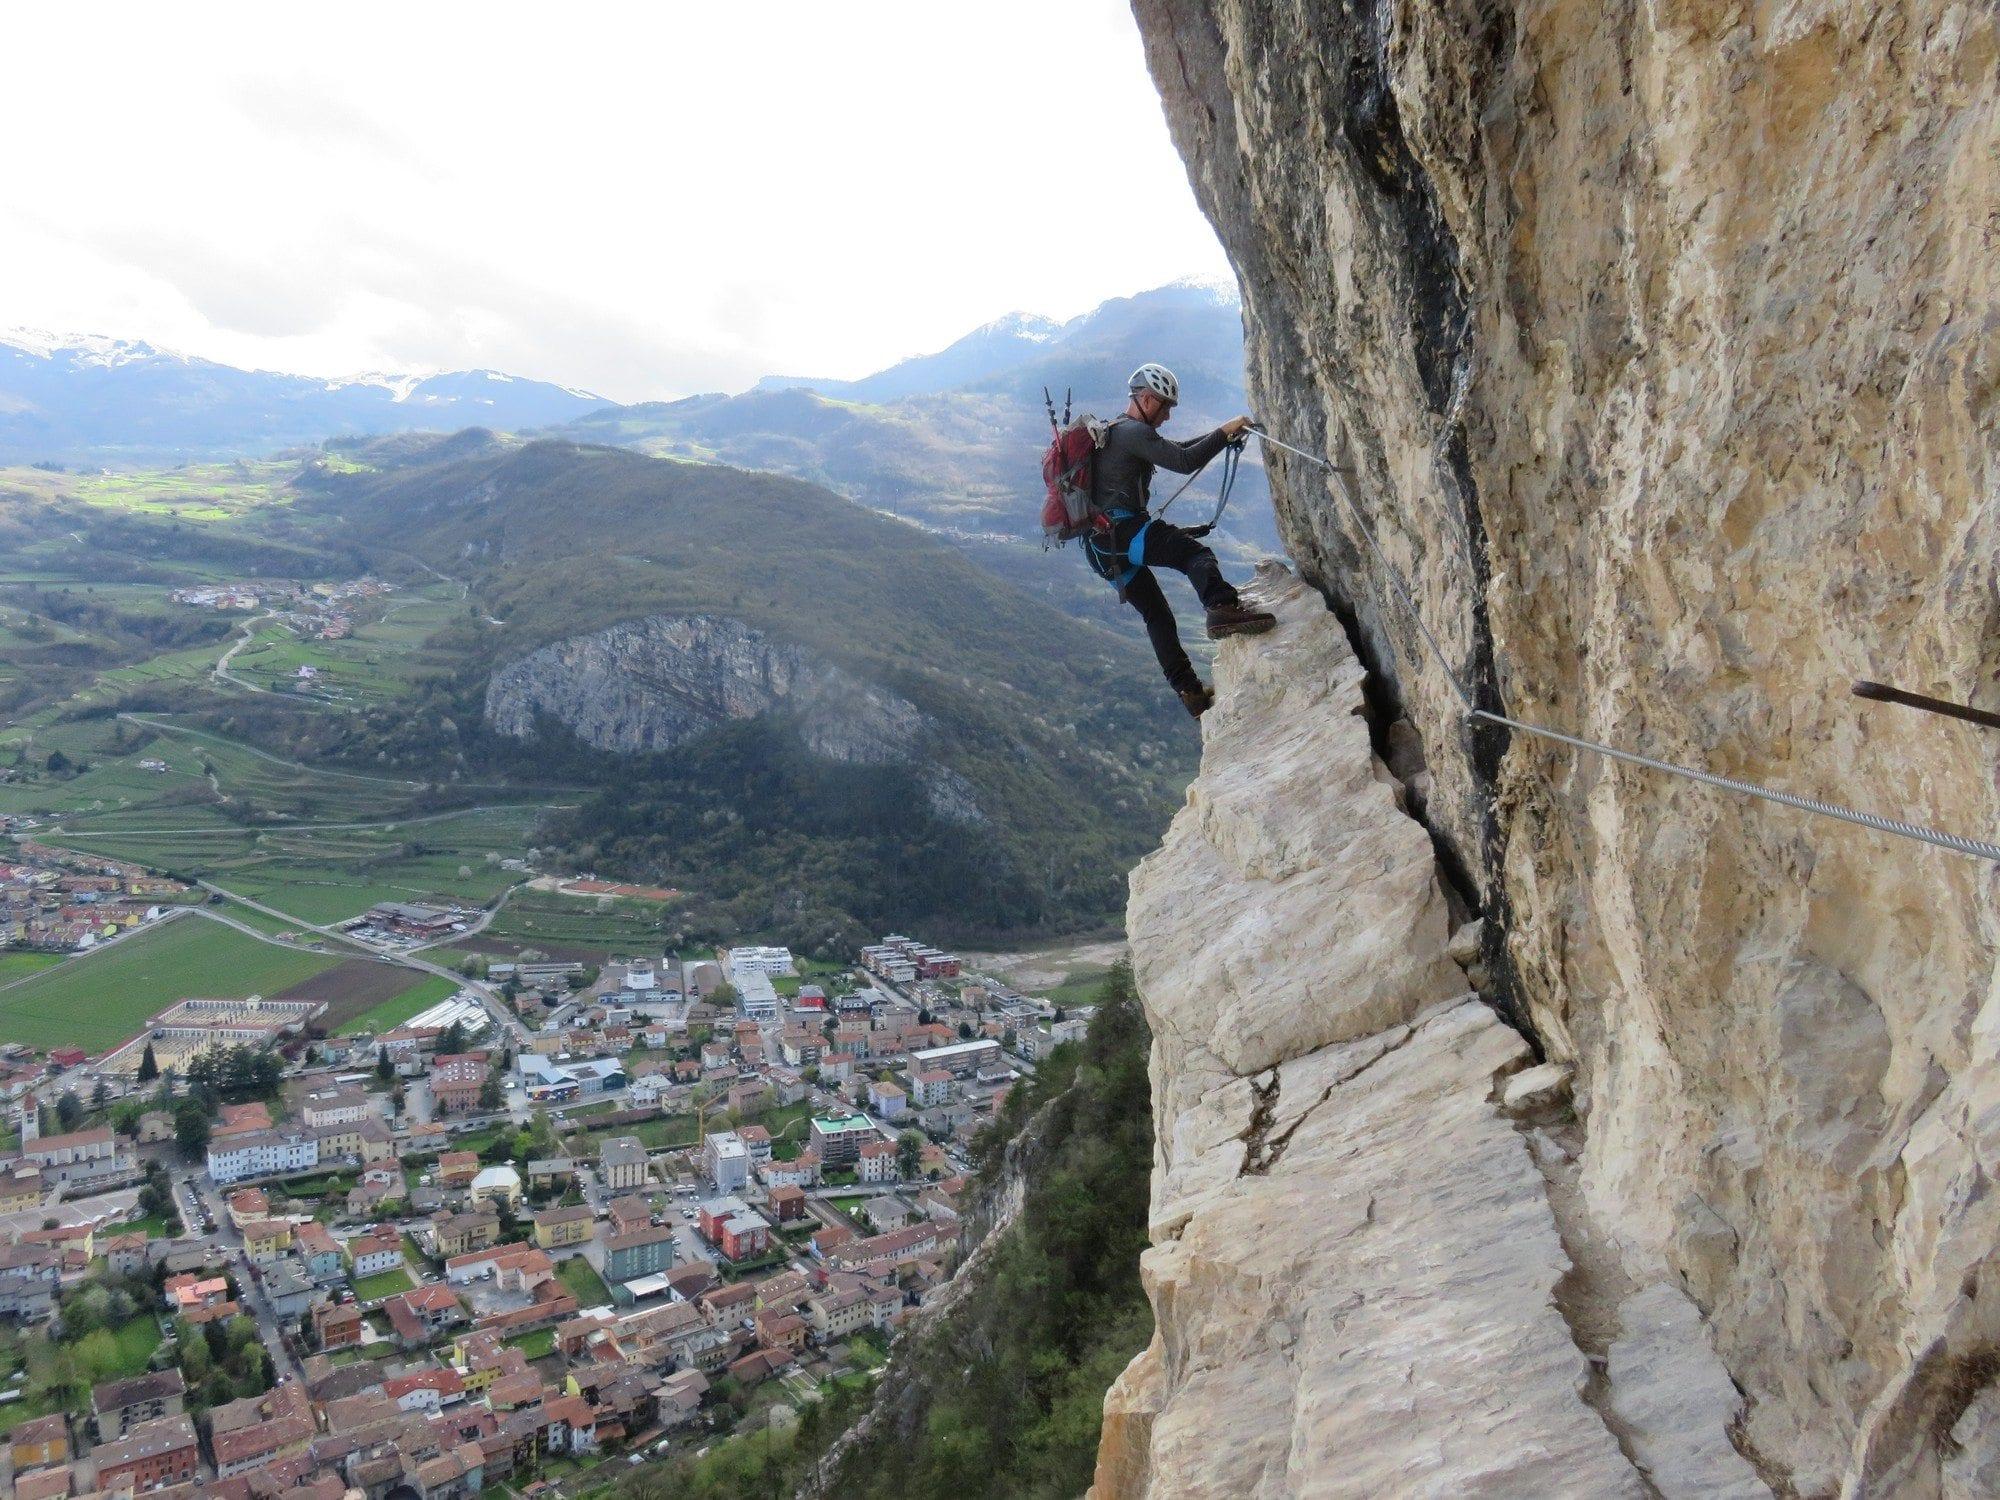 טיפוס ויה פראטה צפון איטליה - Albano - ערוצים בטבע